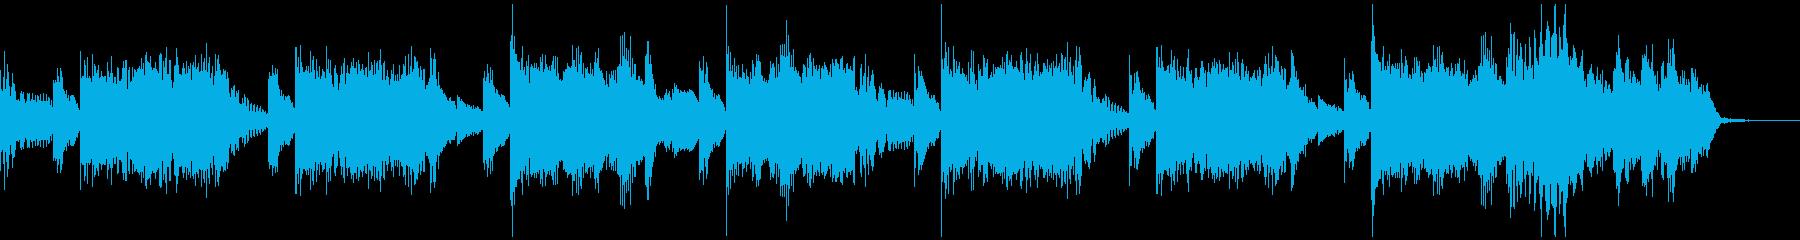 15秒 軽快なハウスミュージックの再生済みの波形